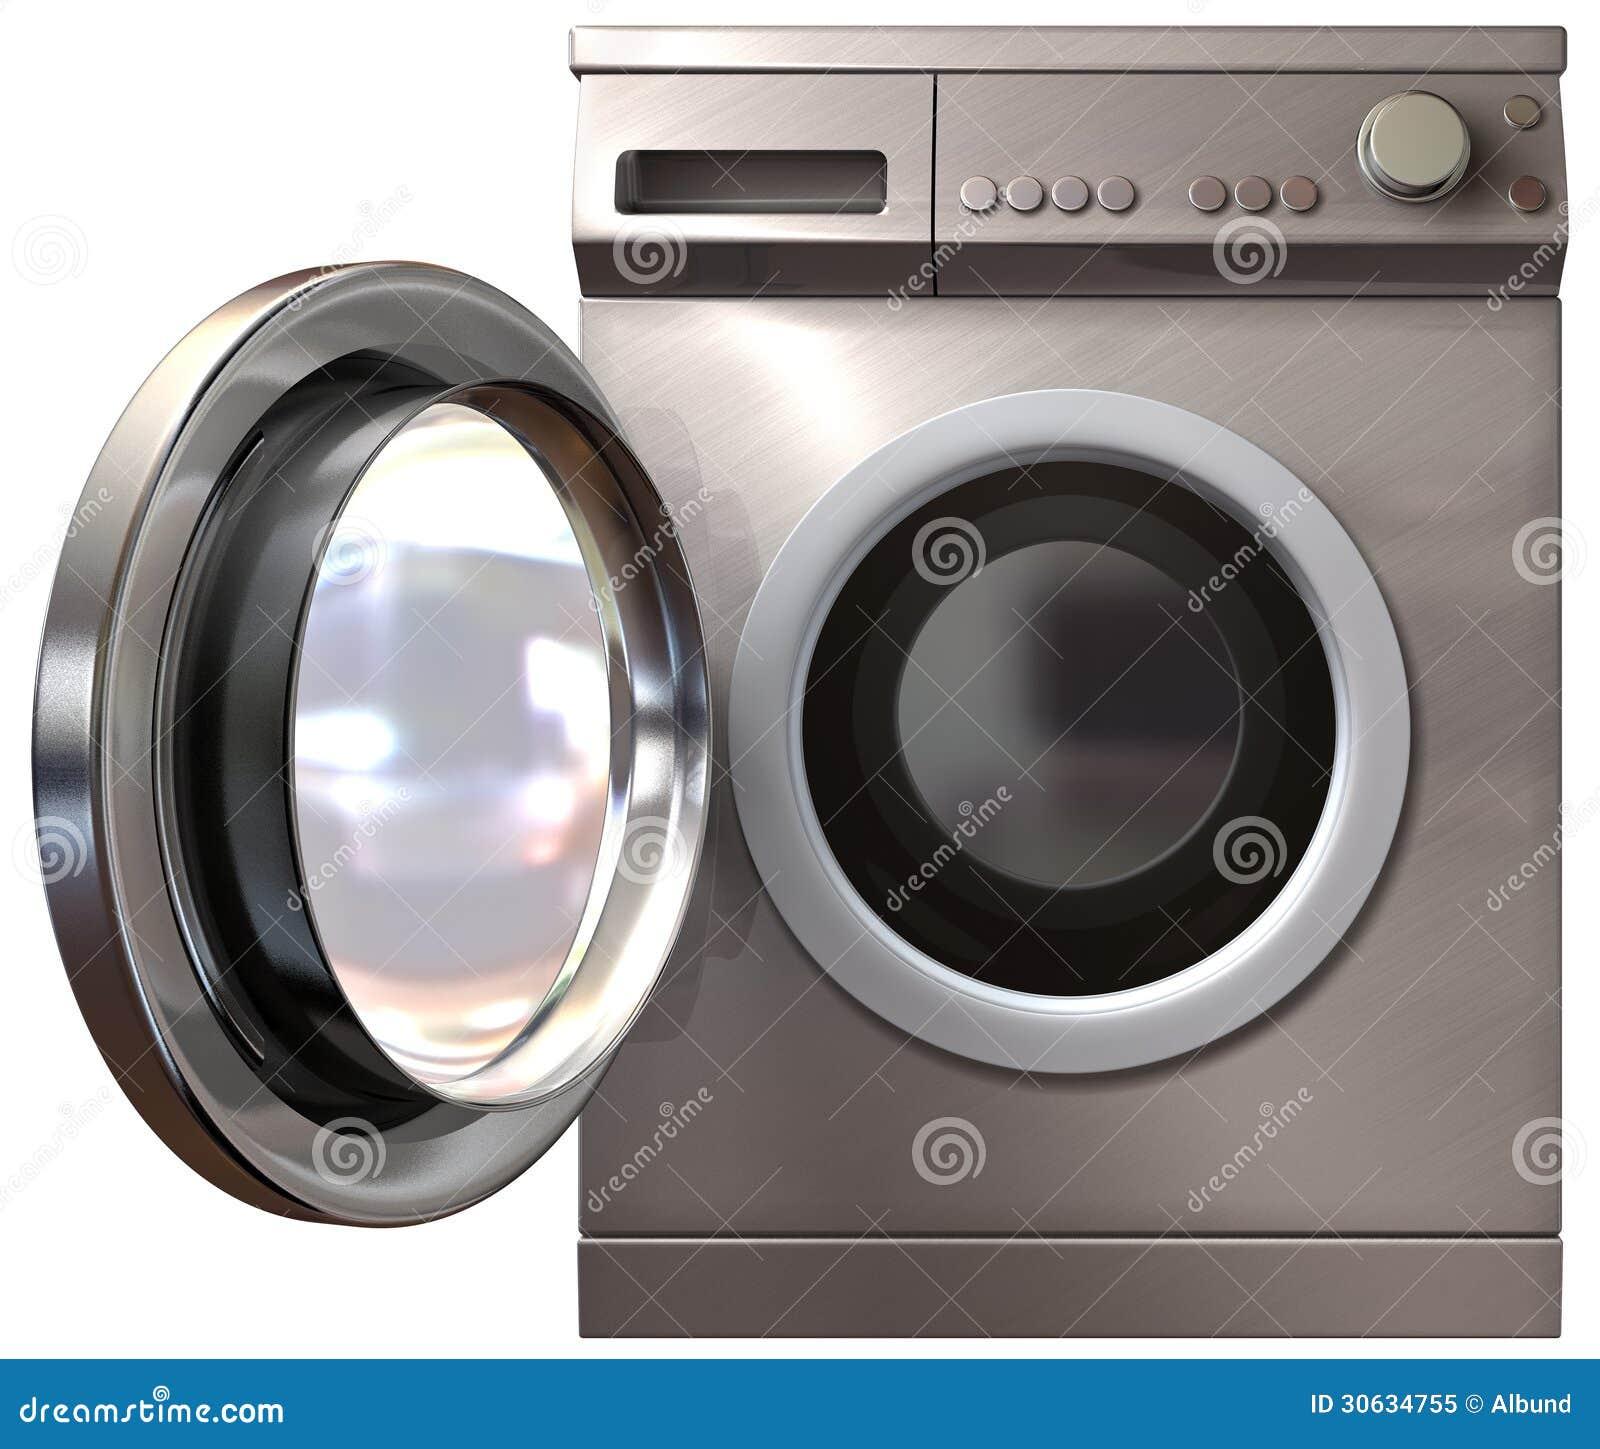 front door washing machine